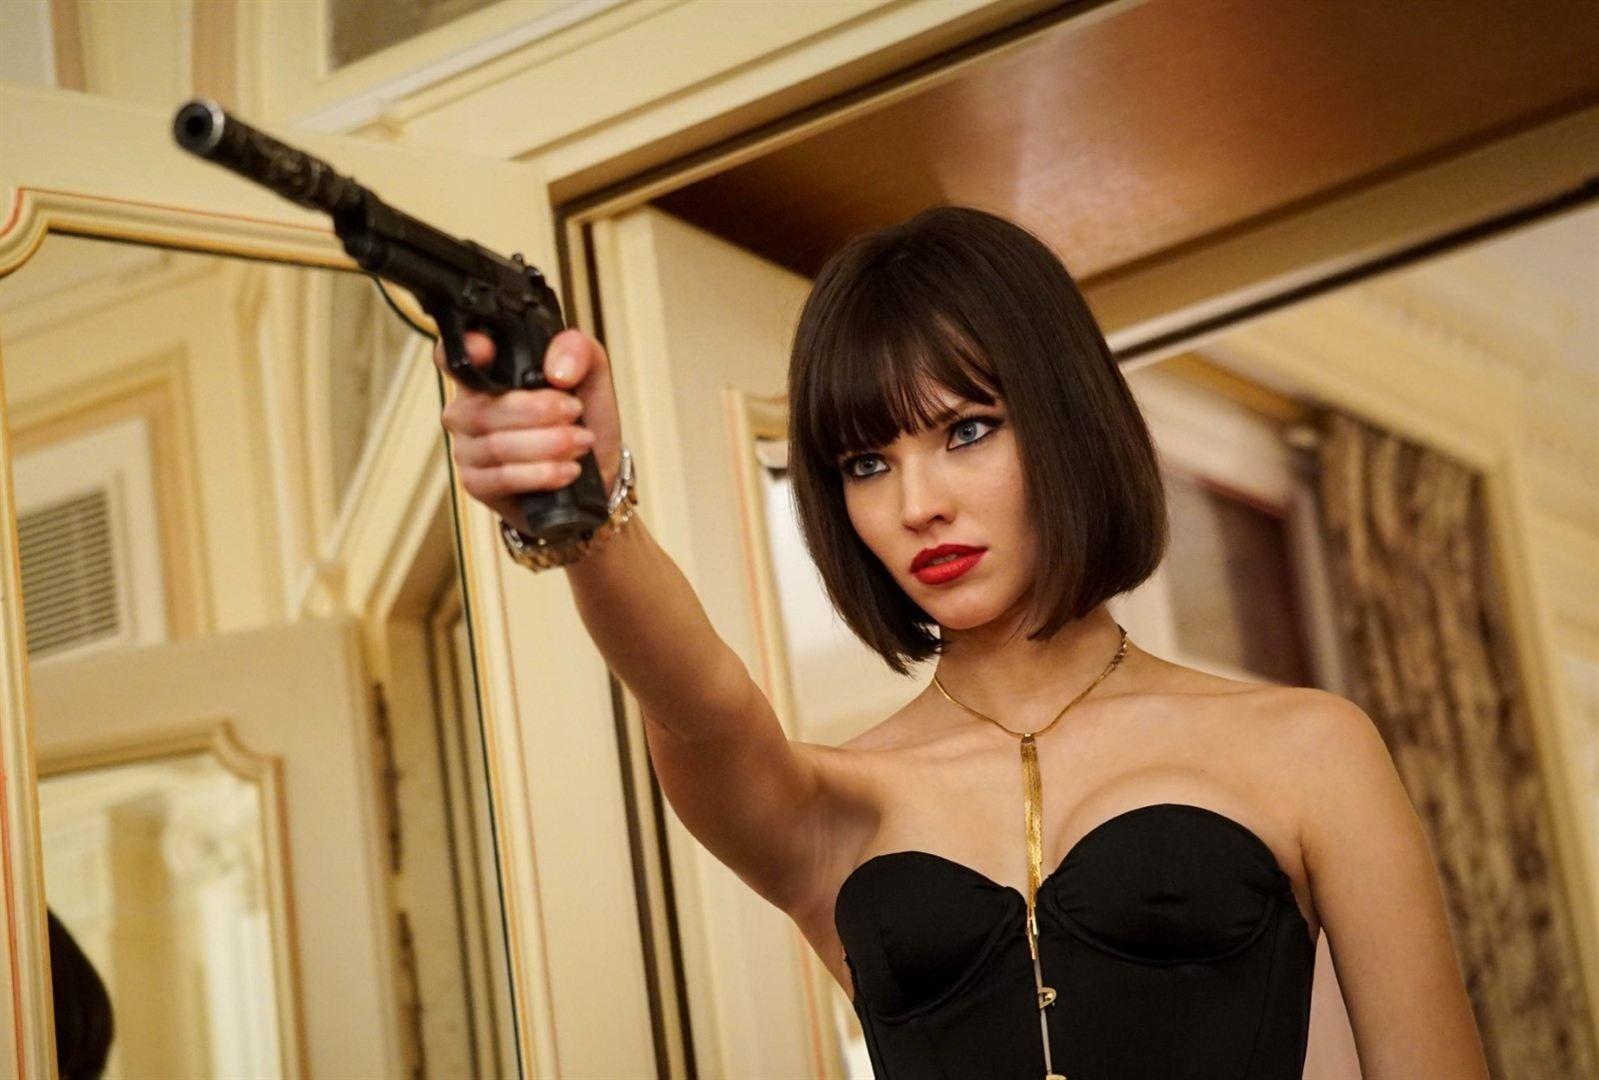 La protagonista, Anna, tras la dirección de Luc Besson, apunta con un arma a un objetivo que se encuentra fuera de plano. Viste ropa negra.